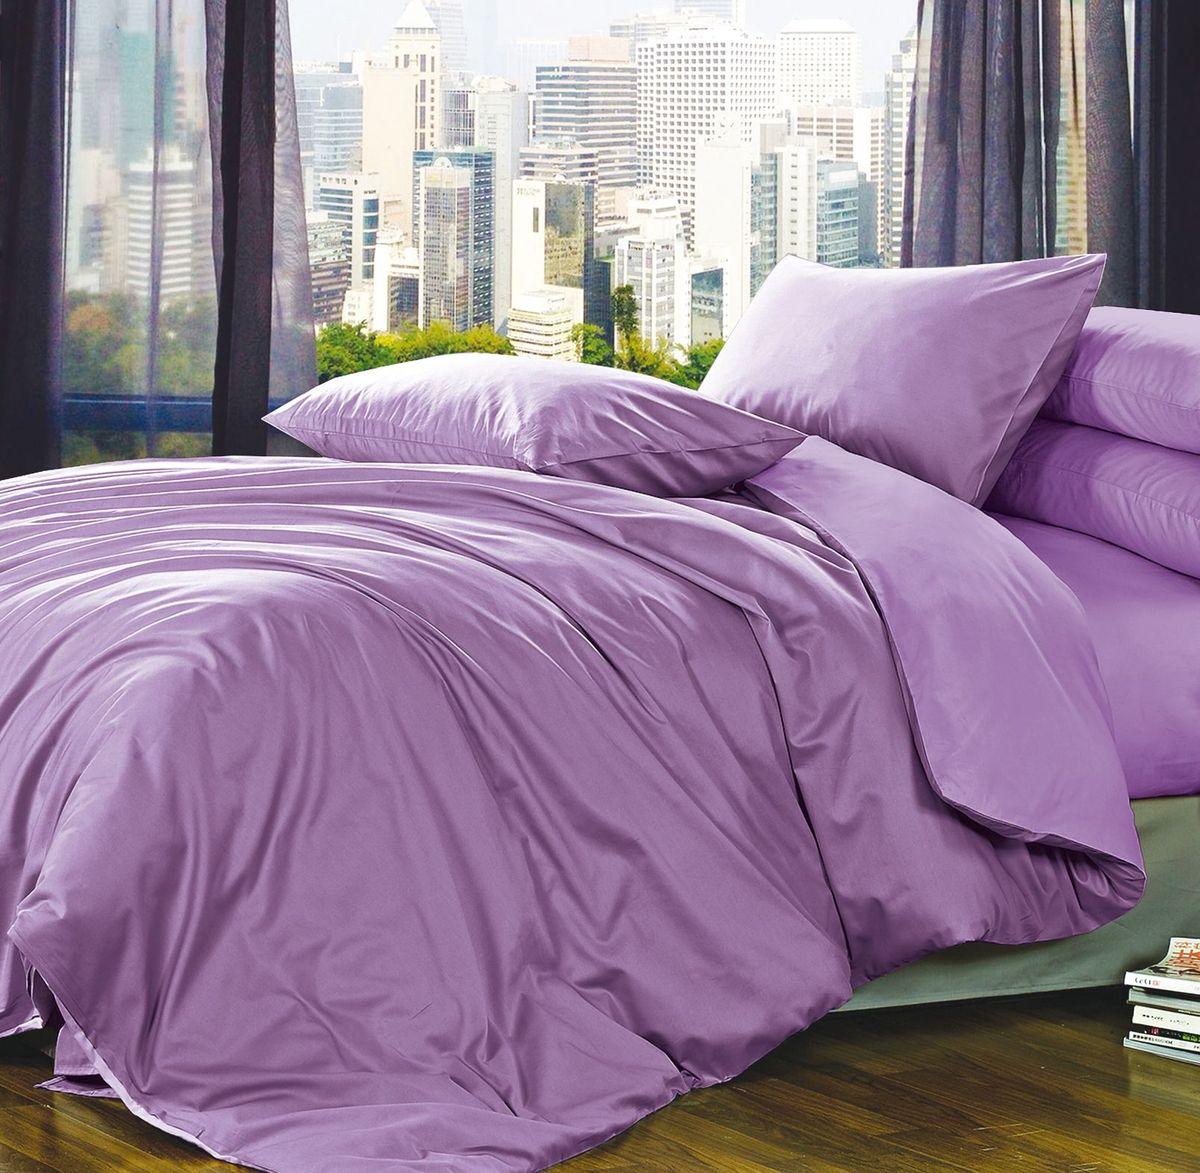 Комплект белья Коллекция Фиолетовый, 1,5-спальный, наволочки 50x70. ПС1.5/50/ОЗ/фПС1.5/50/ОЗ/ф